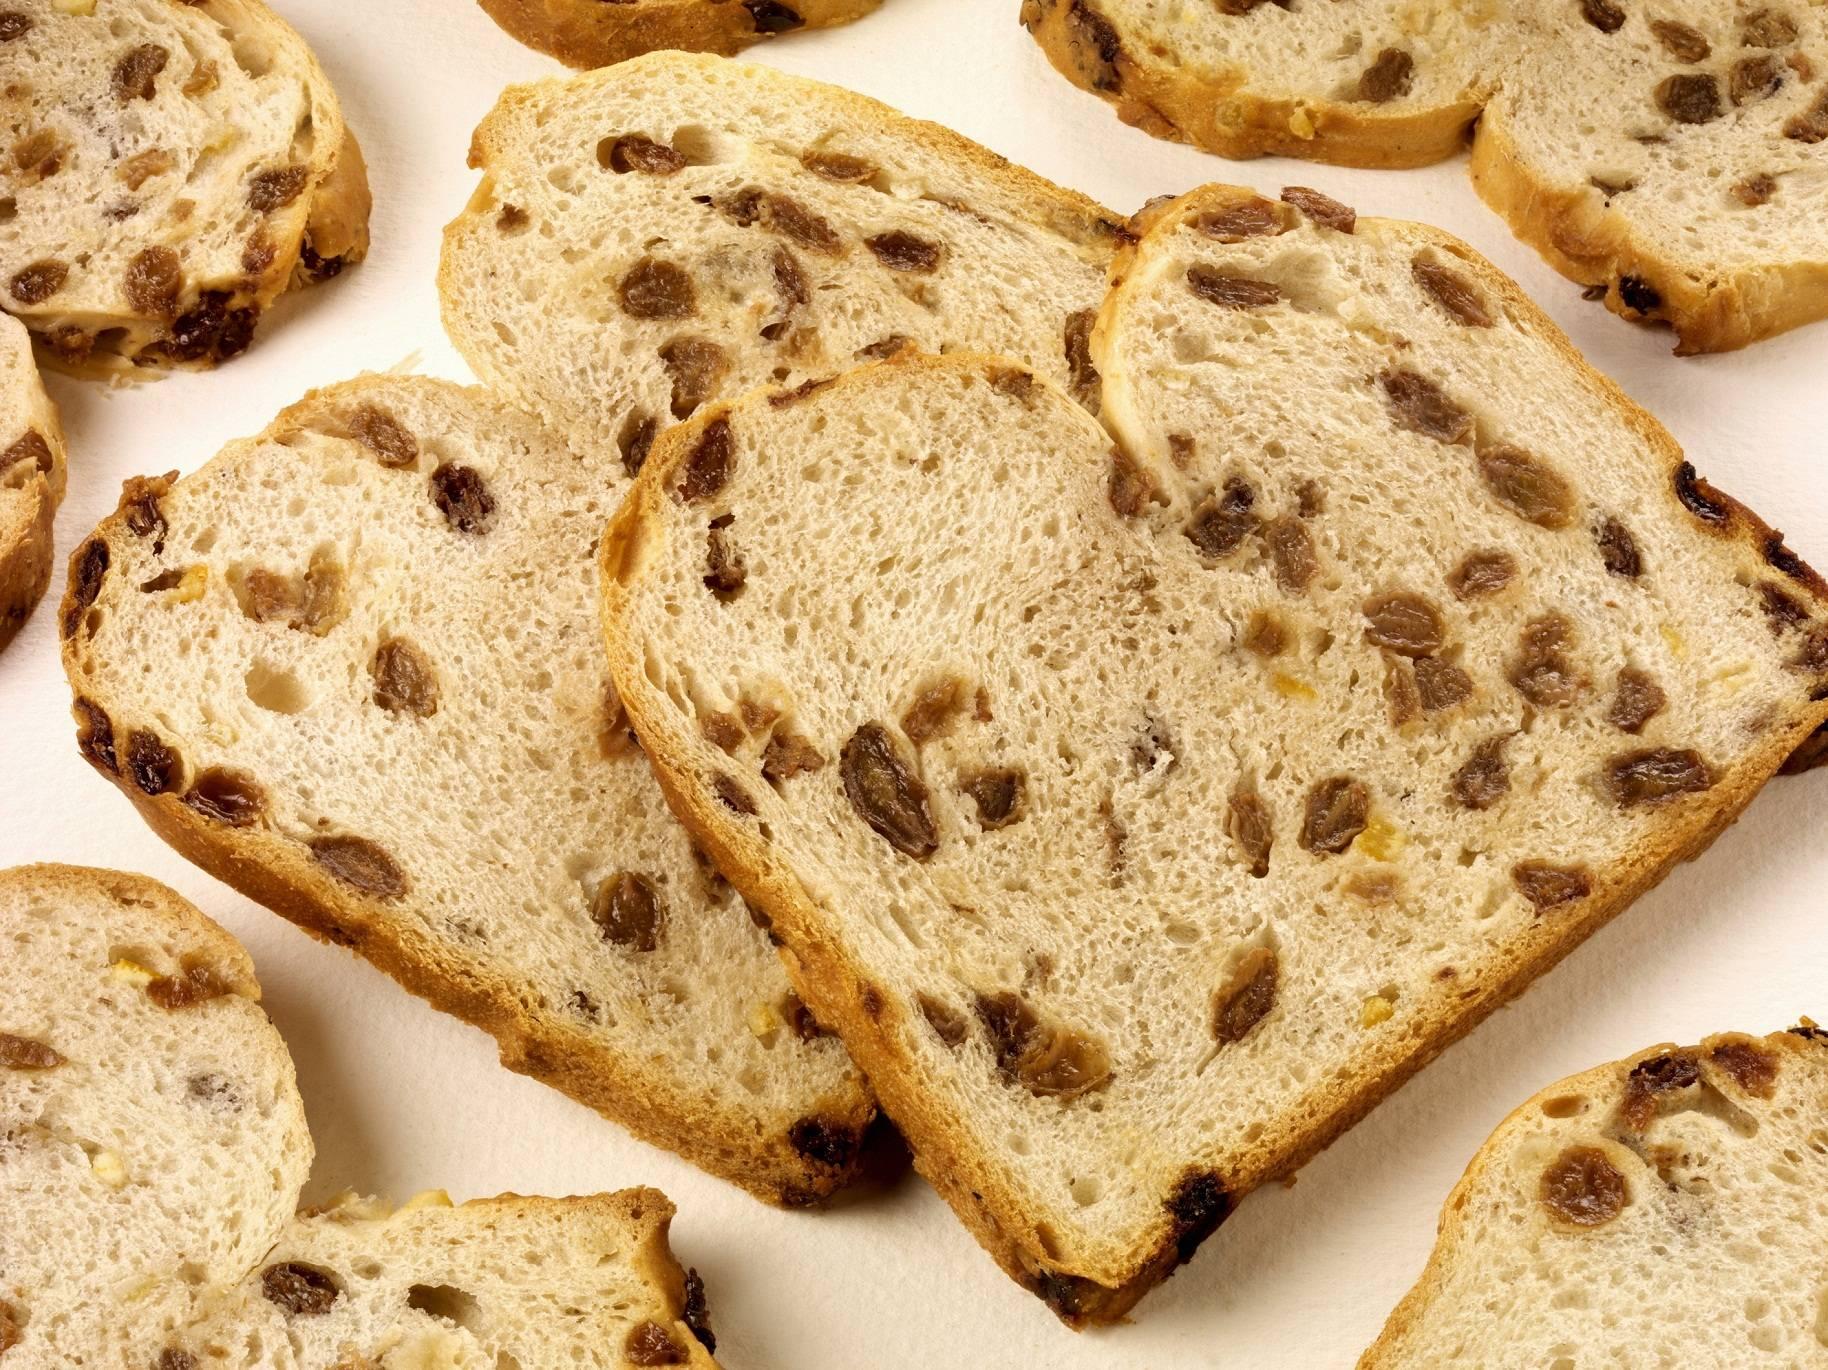 Приготовление домашнего хлеба в хлебопечке: 10 очень вкусных рецептов (фото & видео) +отзывы